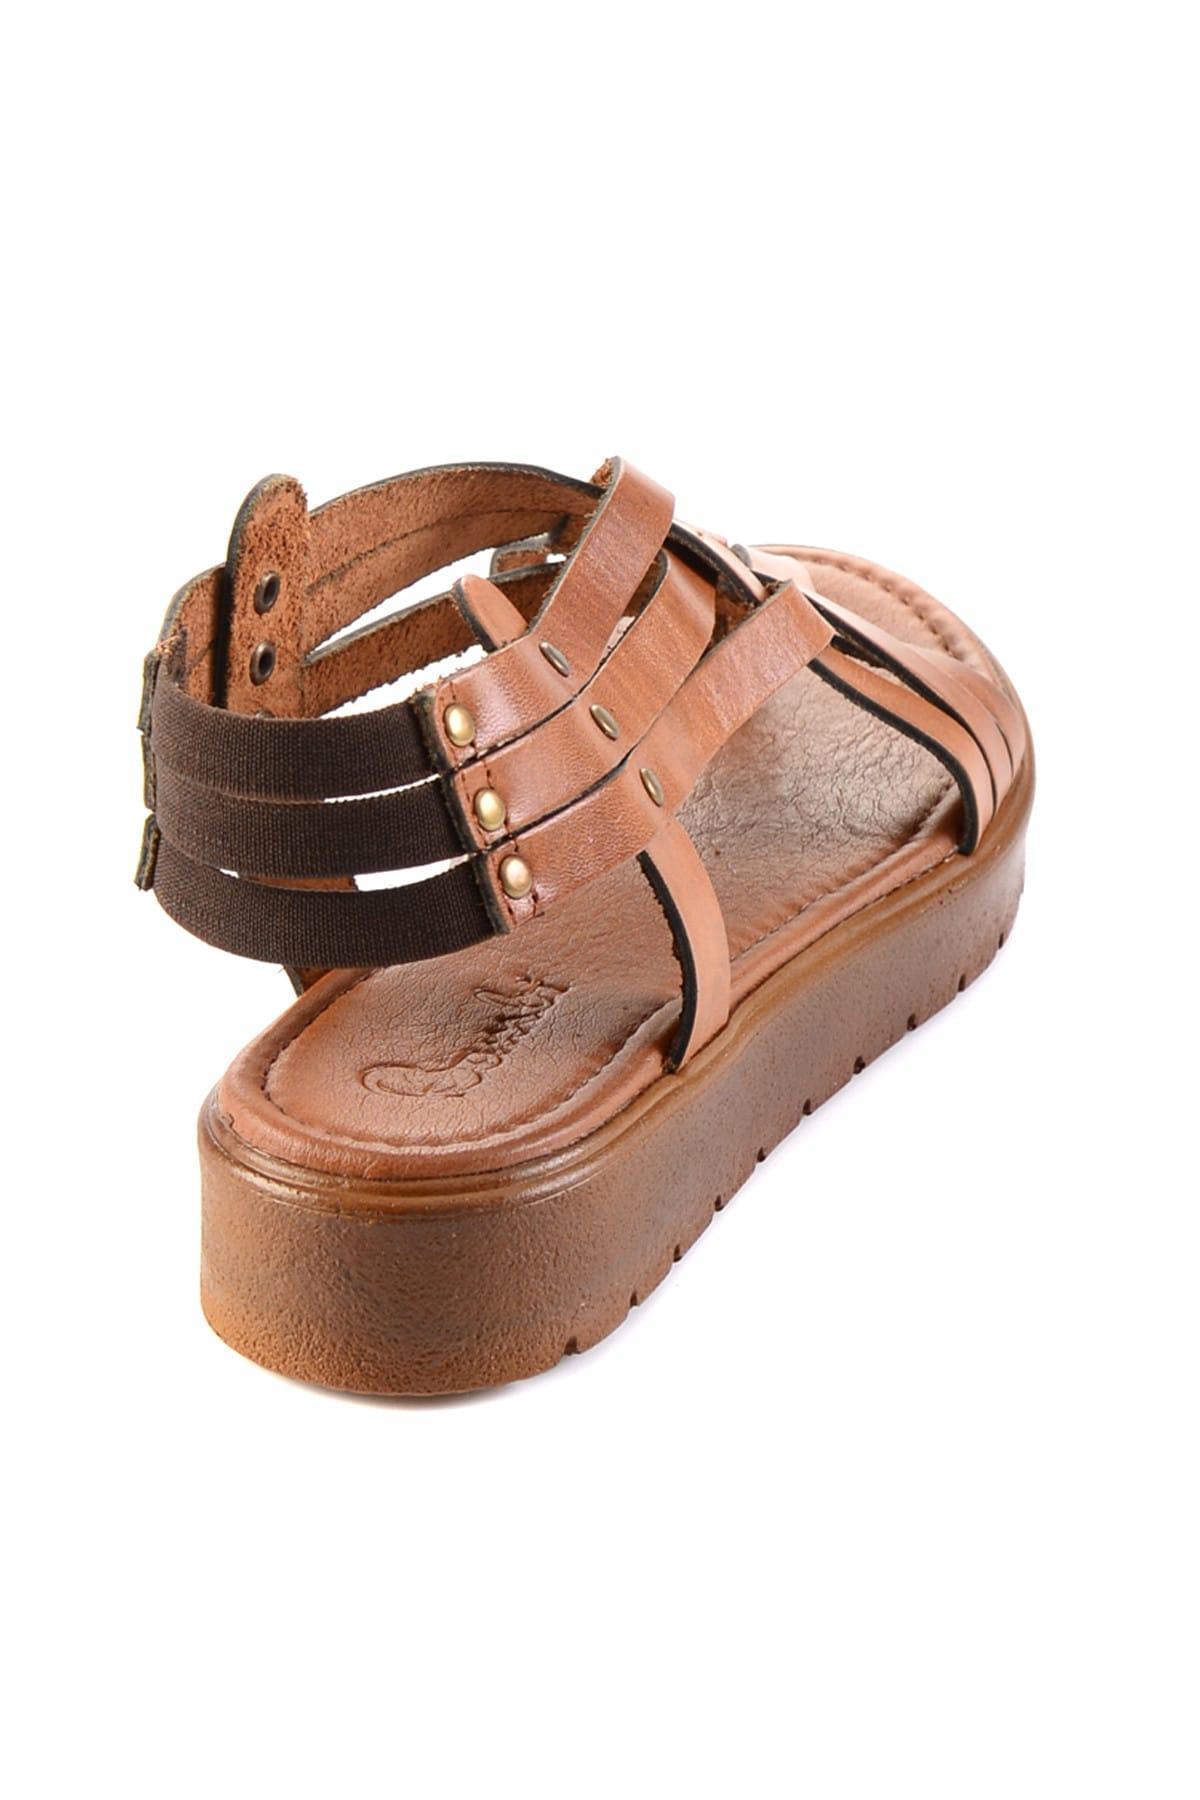 Bambi Gerçek Deri Tan Kadın S Sandalet H0529030503